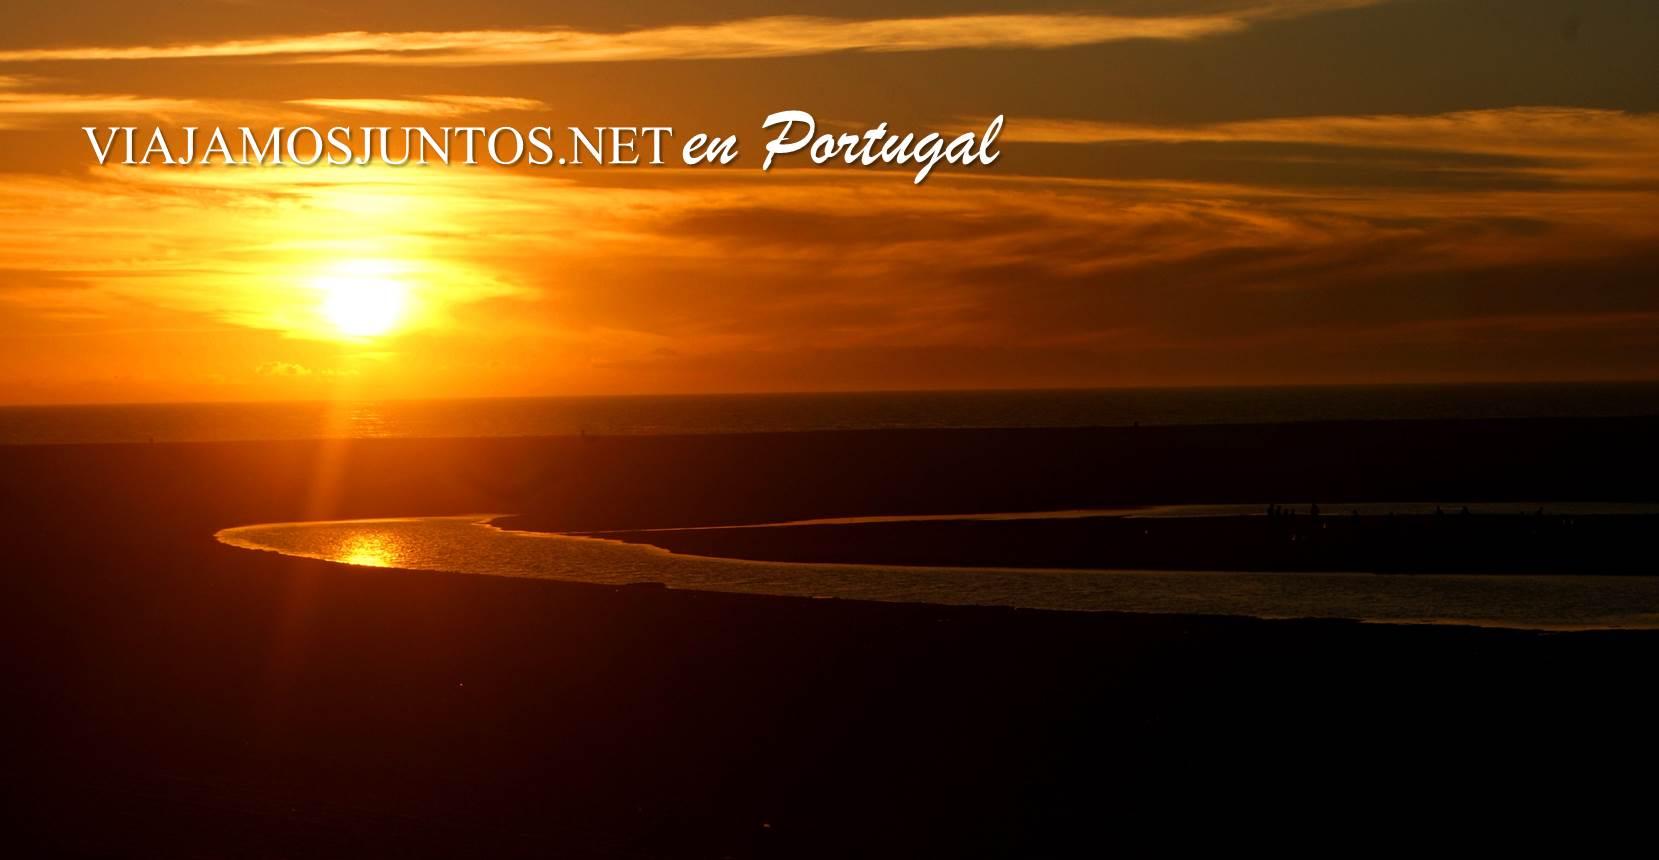 Playa de la Albufeira al atardecer, Costa Caparica, Portugal